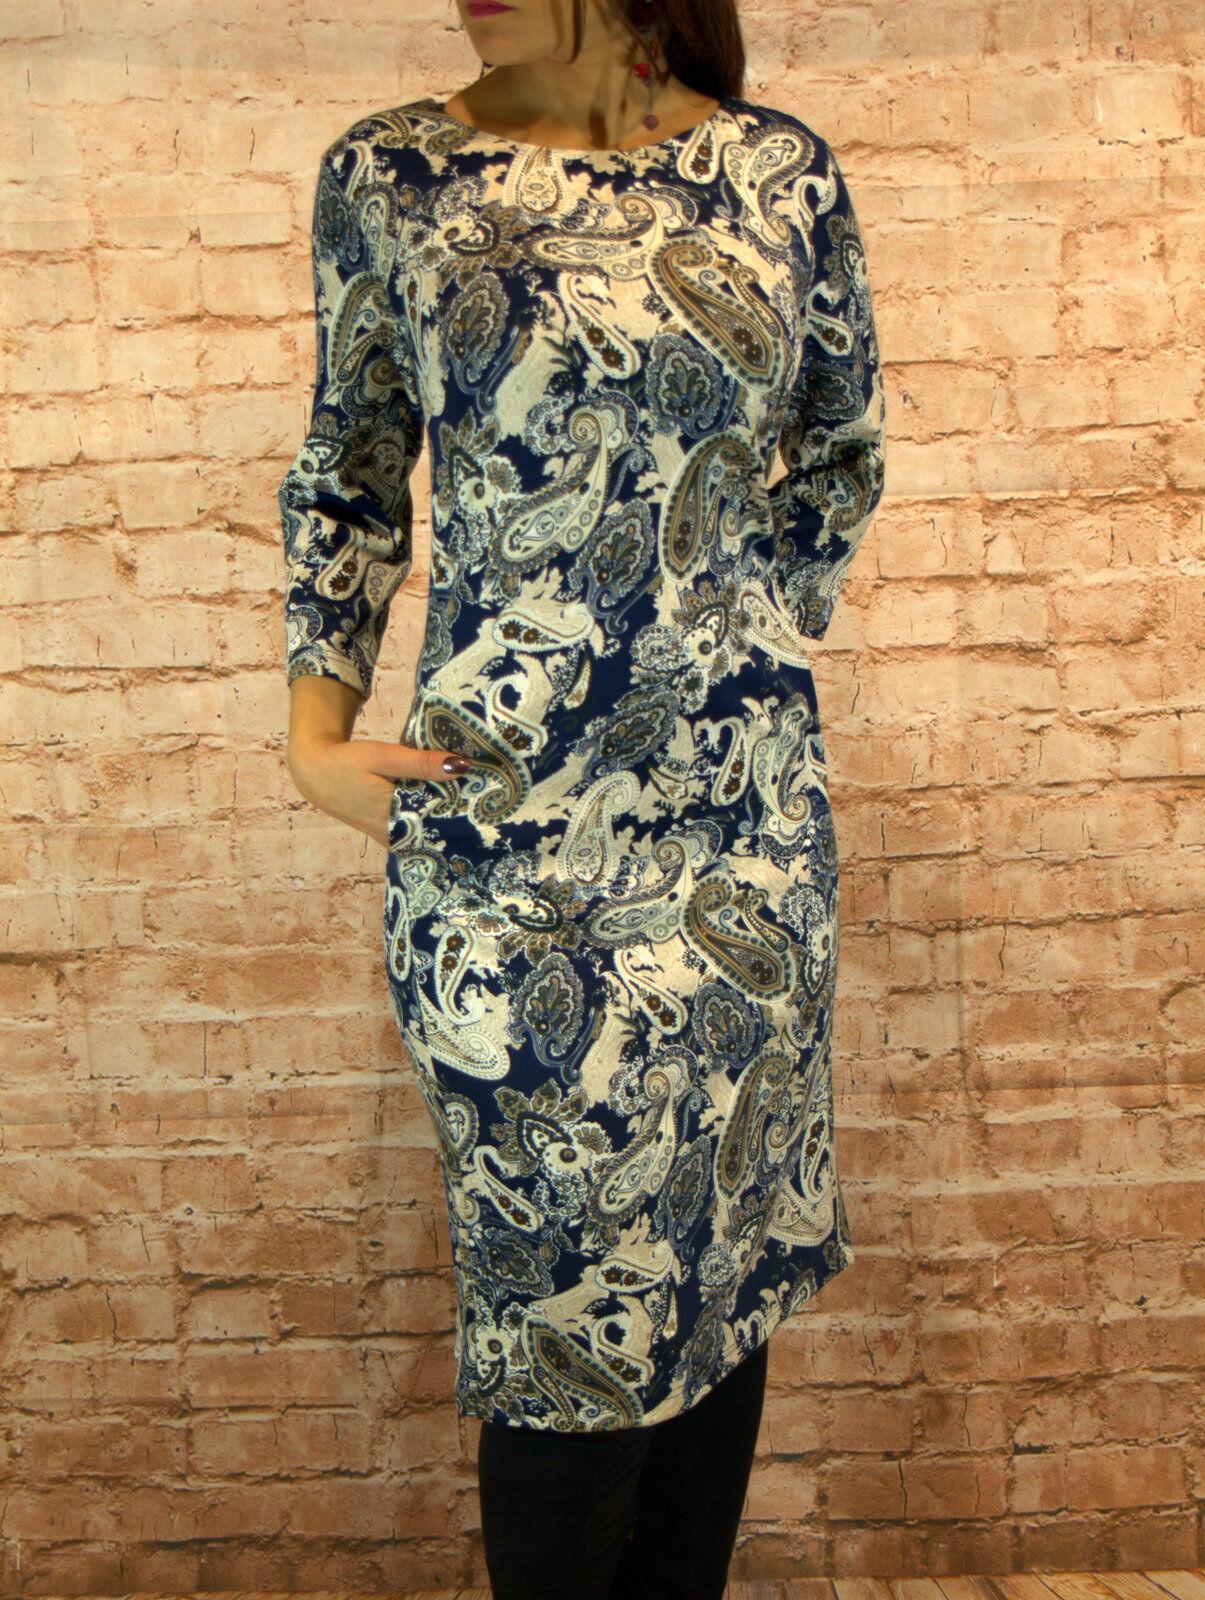 Abendkleid kurz Coctailkleid  Midikleid Kleid 3 4 Arm Gr.40-50 blau Paisley